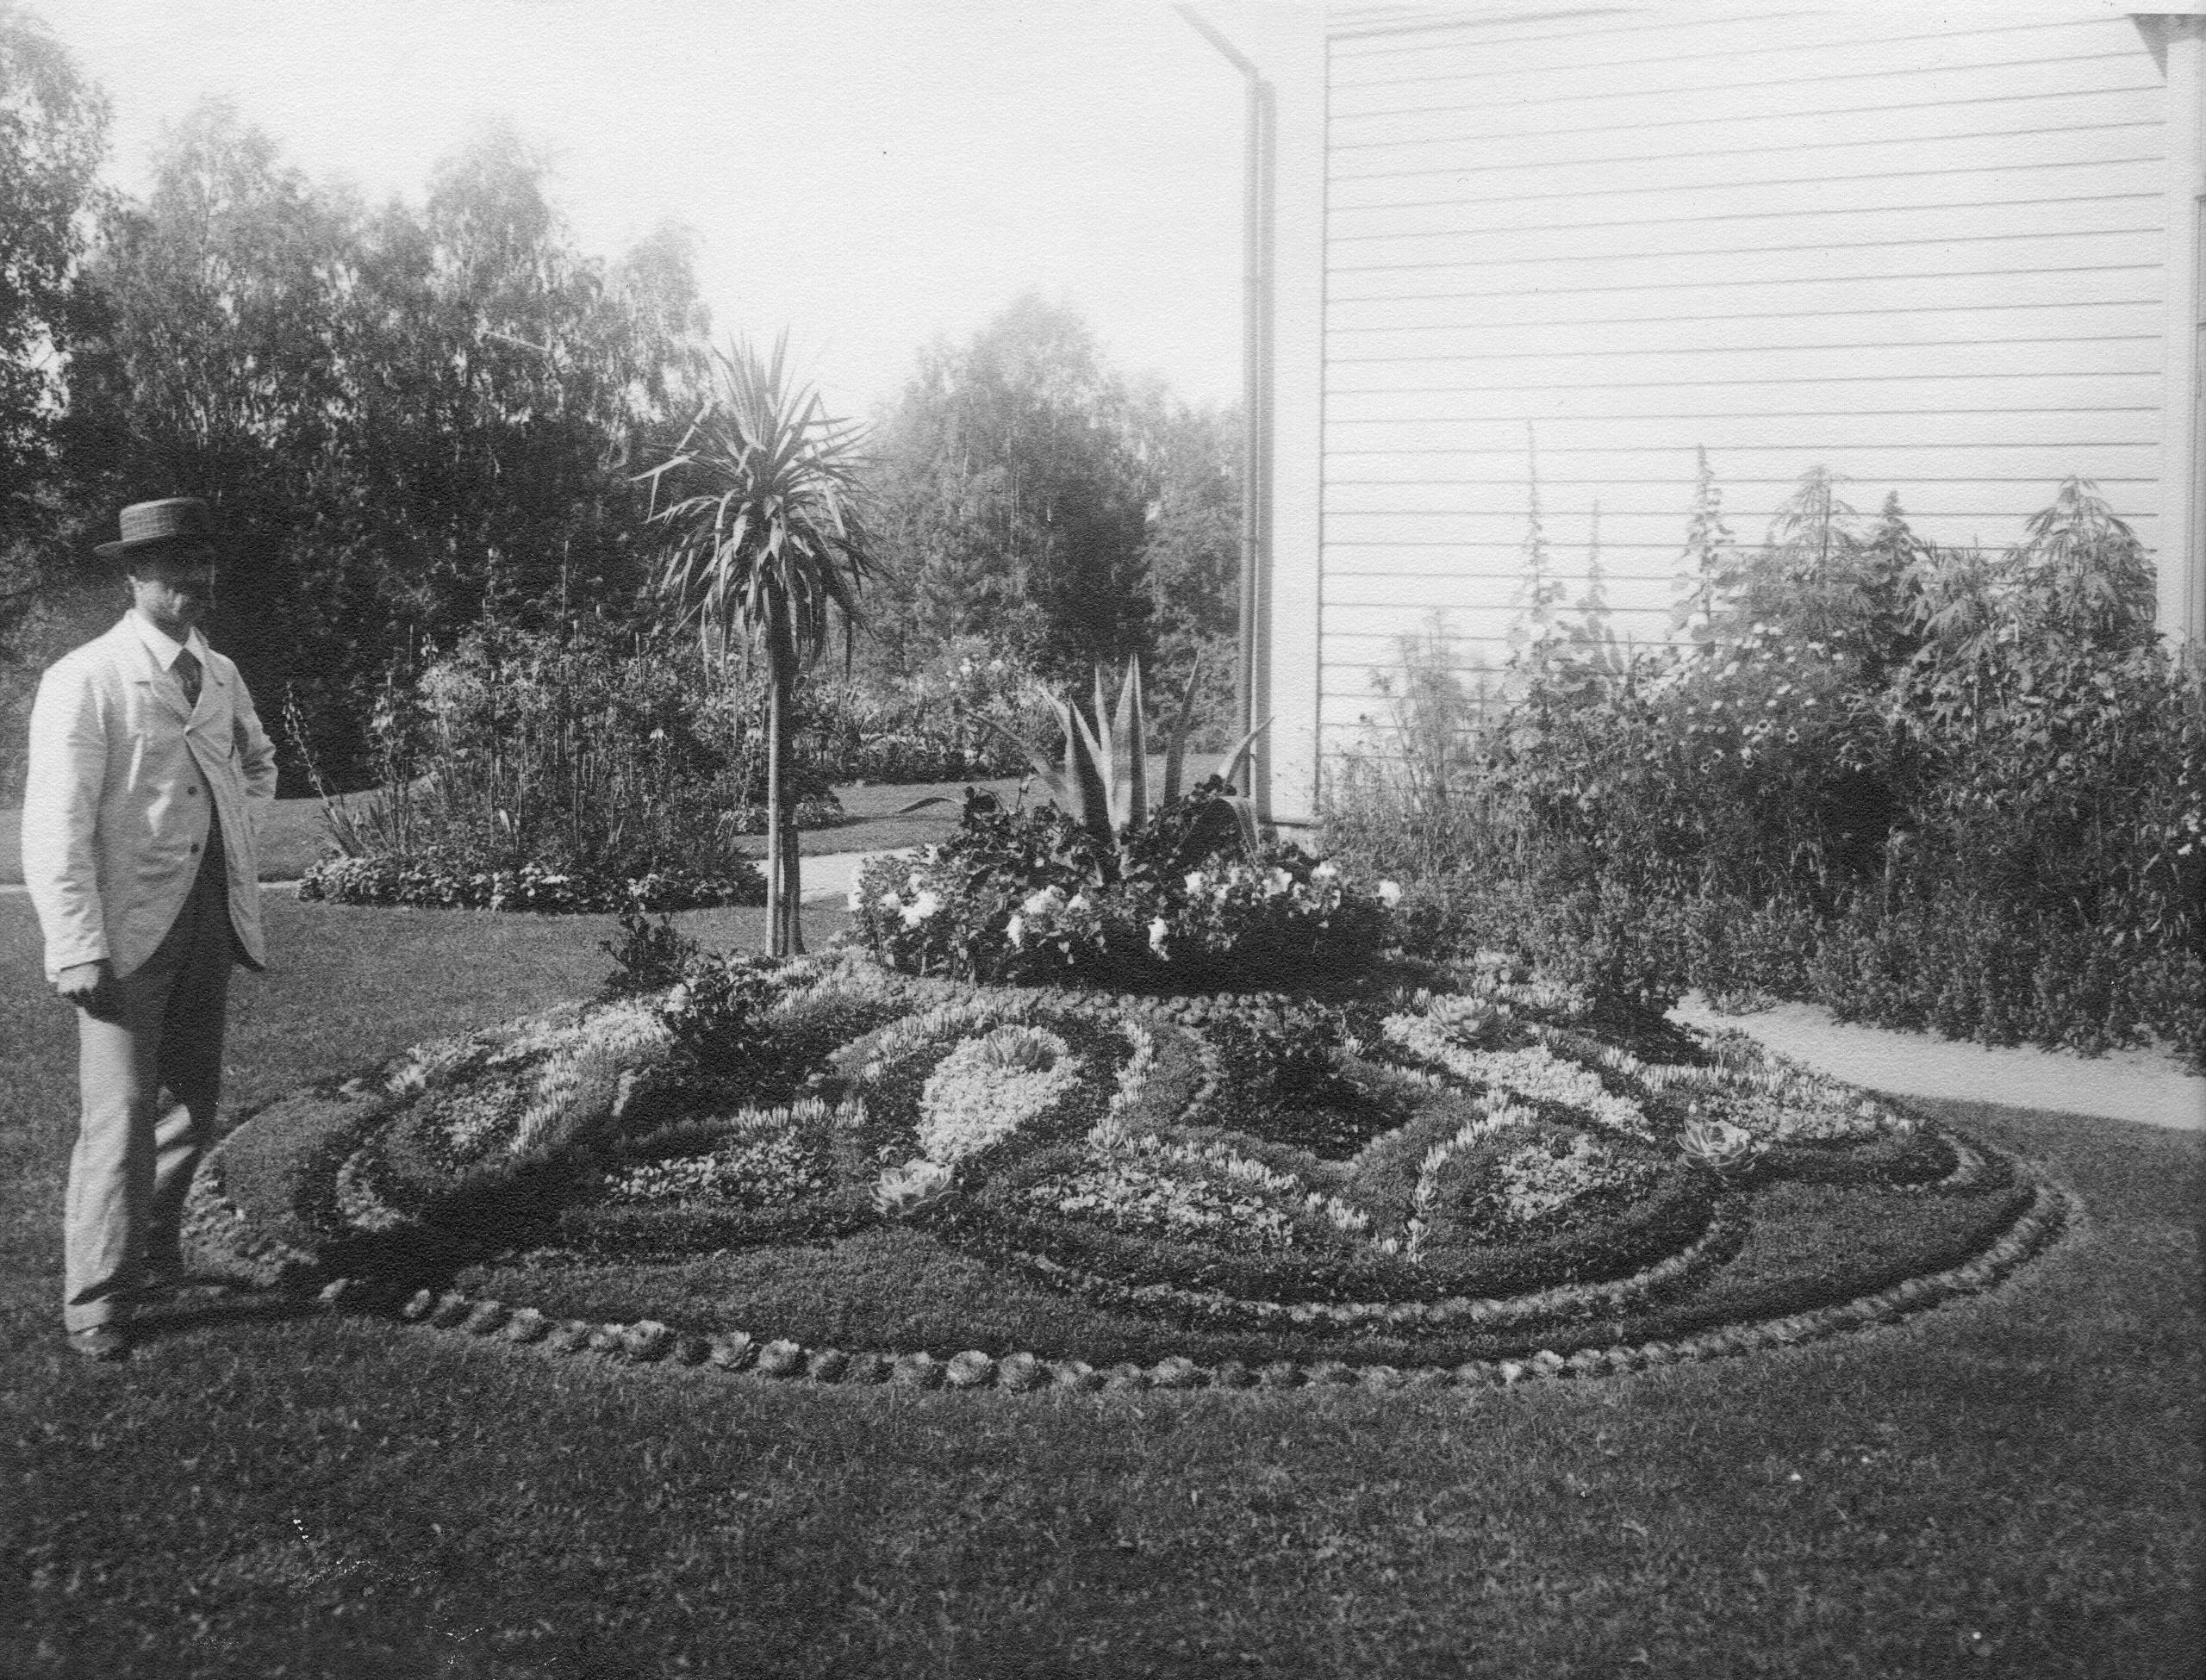 Mustavalkoinen vanha kuva, jossa hattupäinen herra seisoo näyttävän ja koristeellisen kesäkukkatapettiryhmän vieressä. Taustalla hoidettua pihapiiriä ja perennaistutuksia.